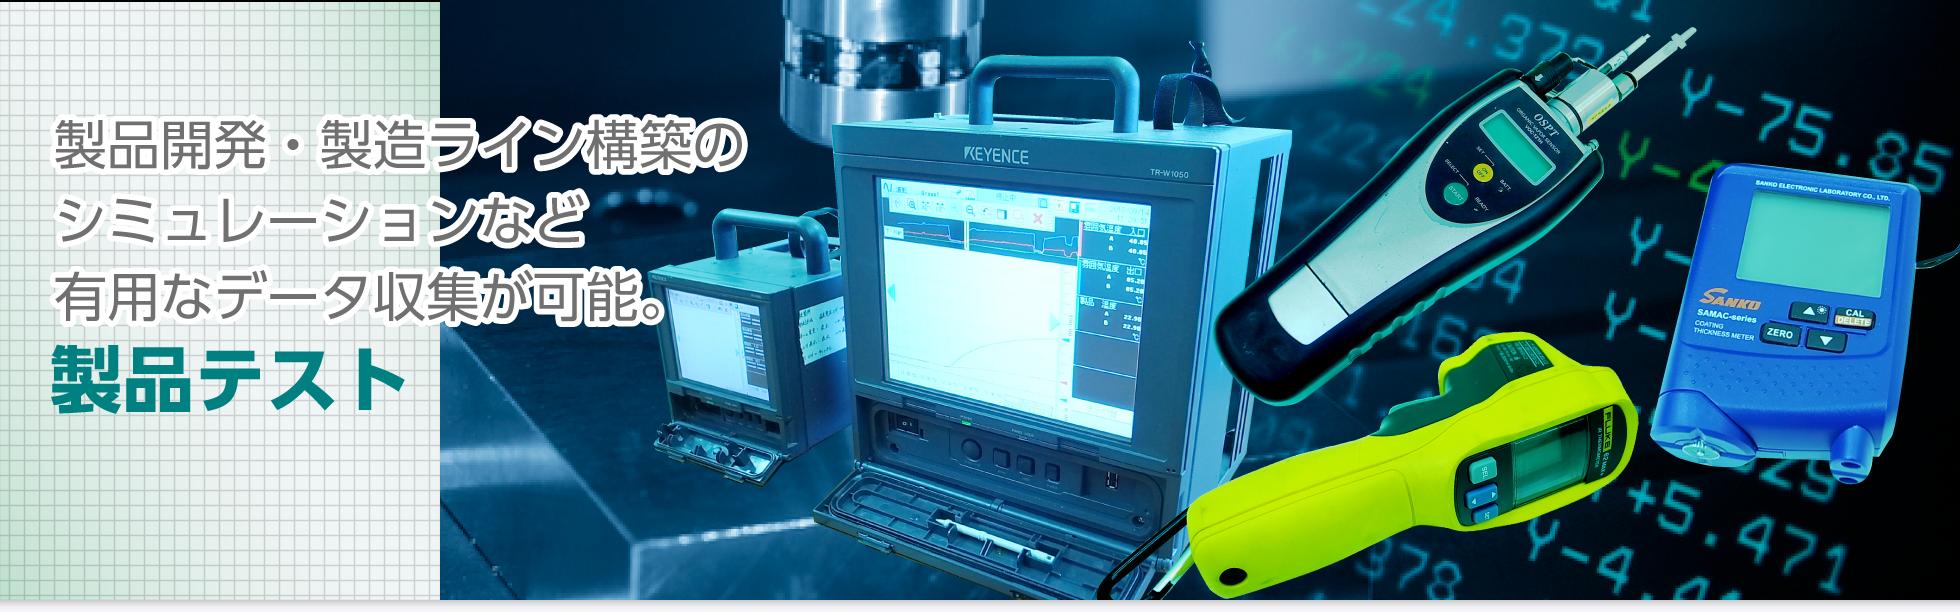 製品開発・製造ライン構築のシミュレーションなど有用なデータ収集が可能。製品テスト